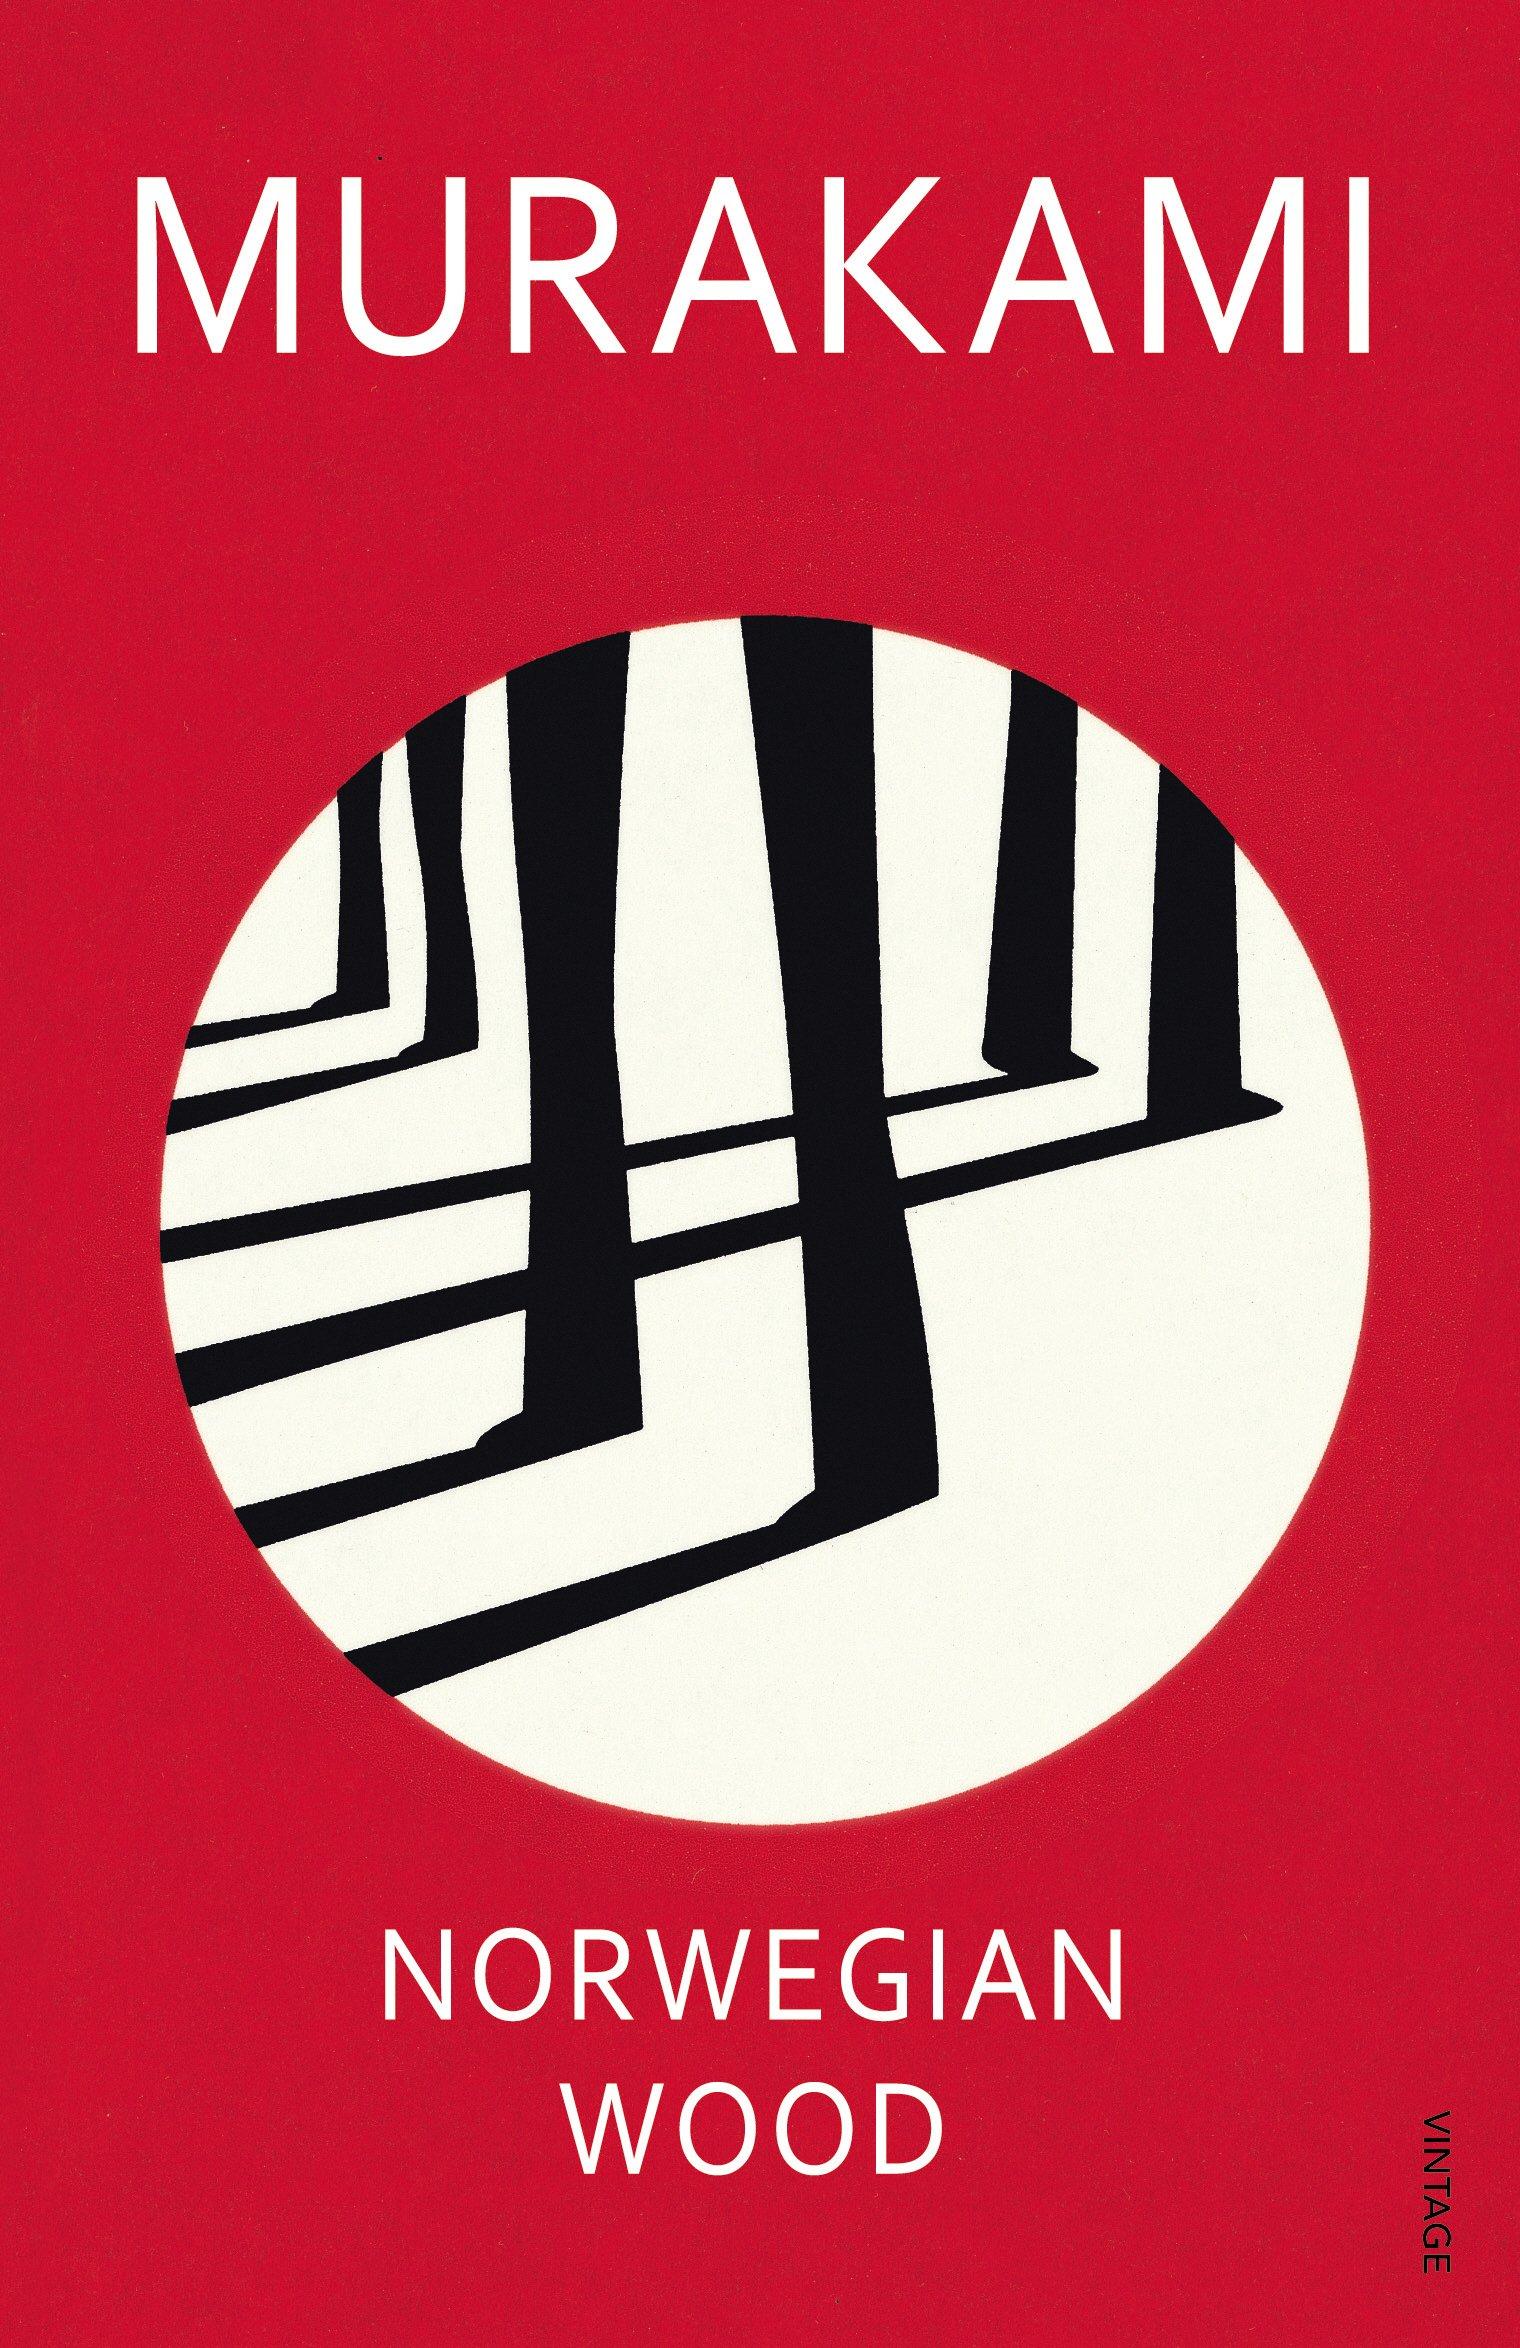 Norwegian Wood: Haruki Murakami: Amazon.co.uk: Murakami, Haruki:  9780099448822: Books